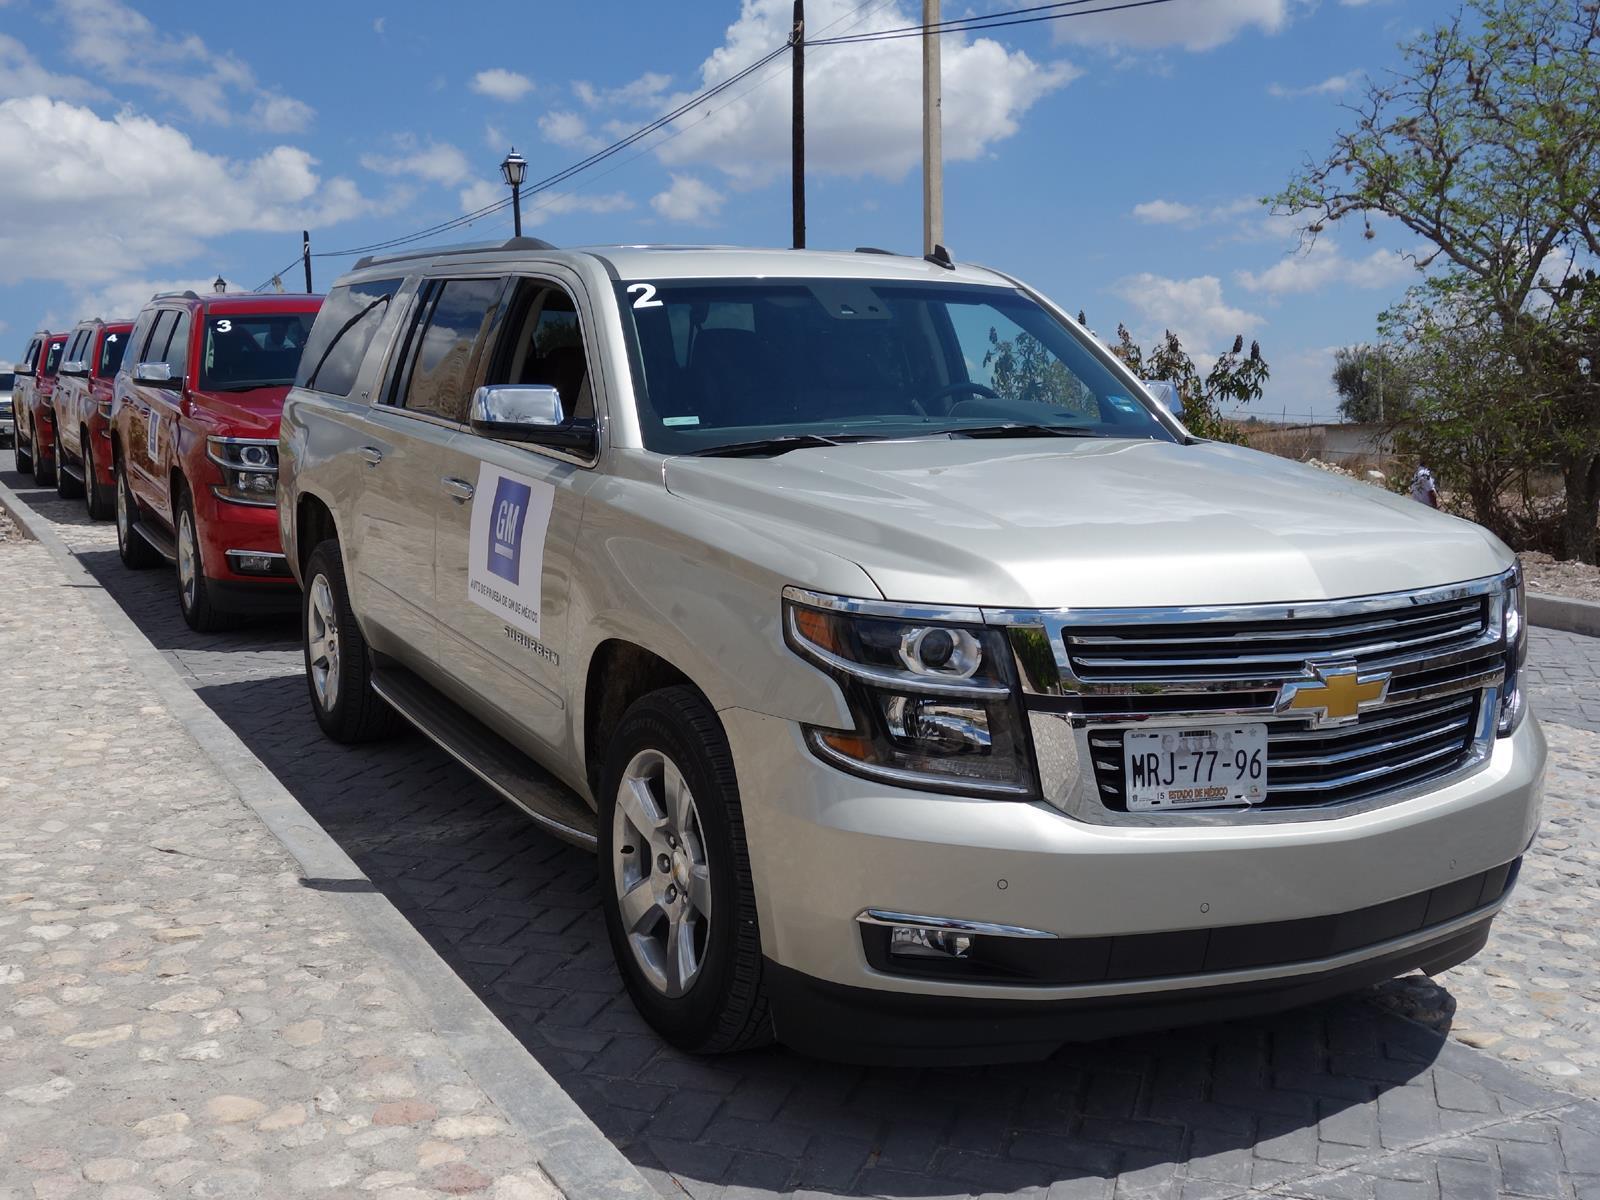 Chevrolet Suburban 2015 llega a México desde $697,200 pesos